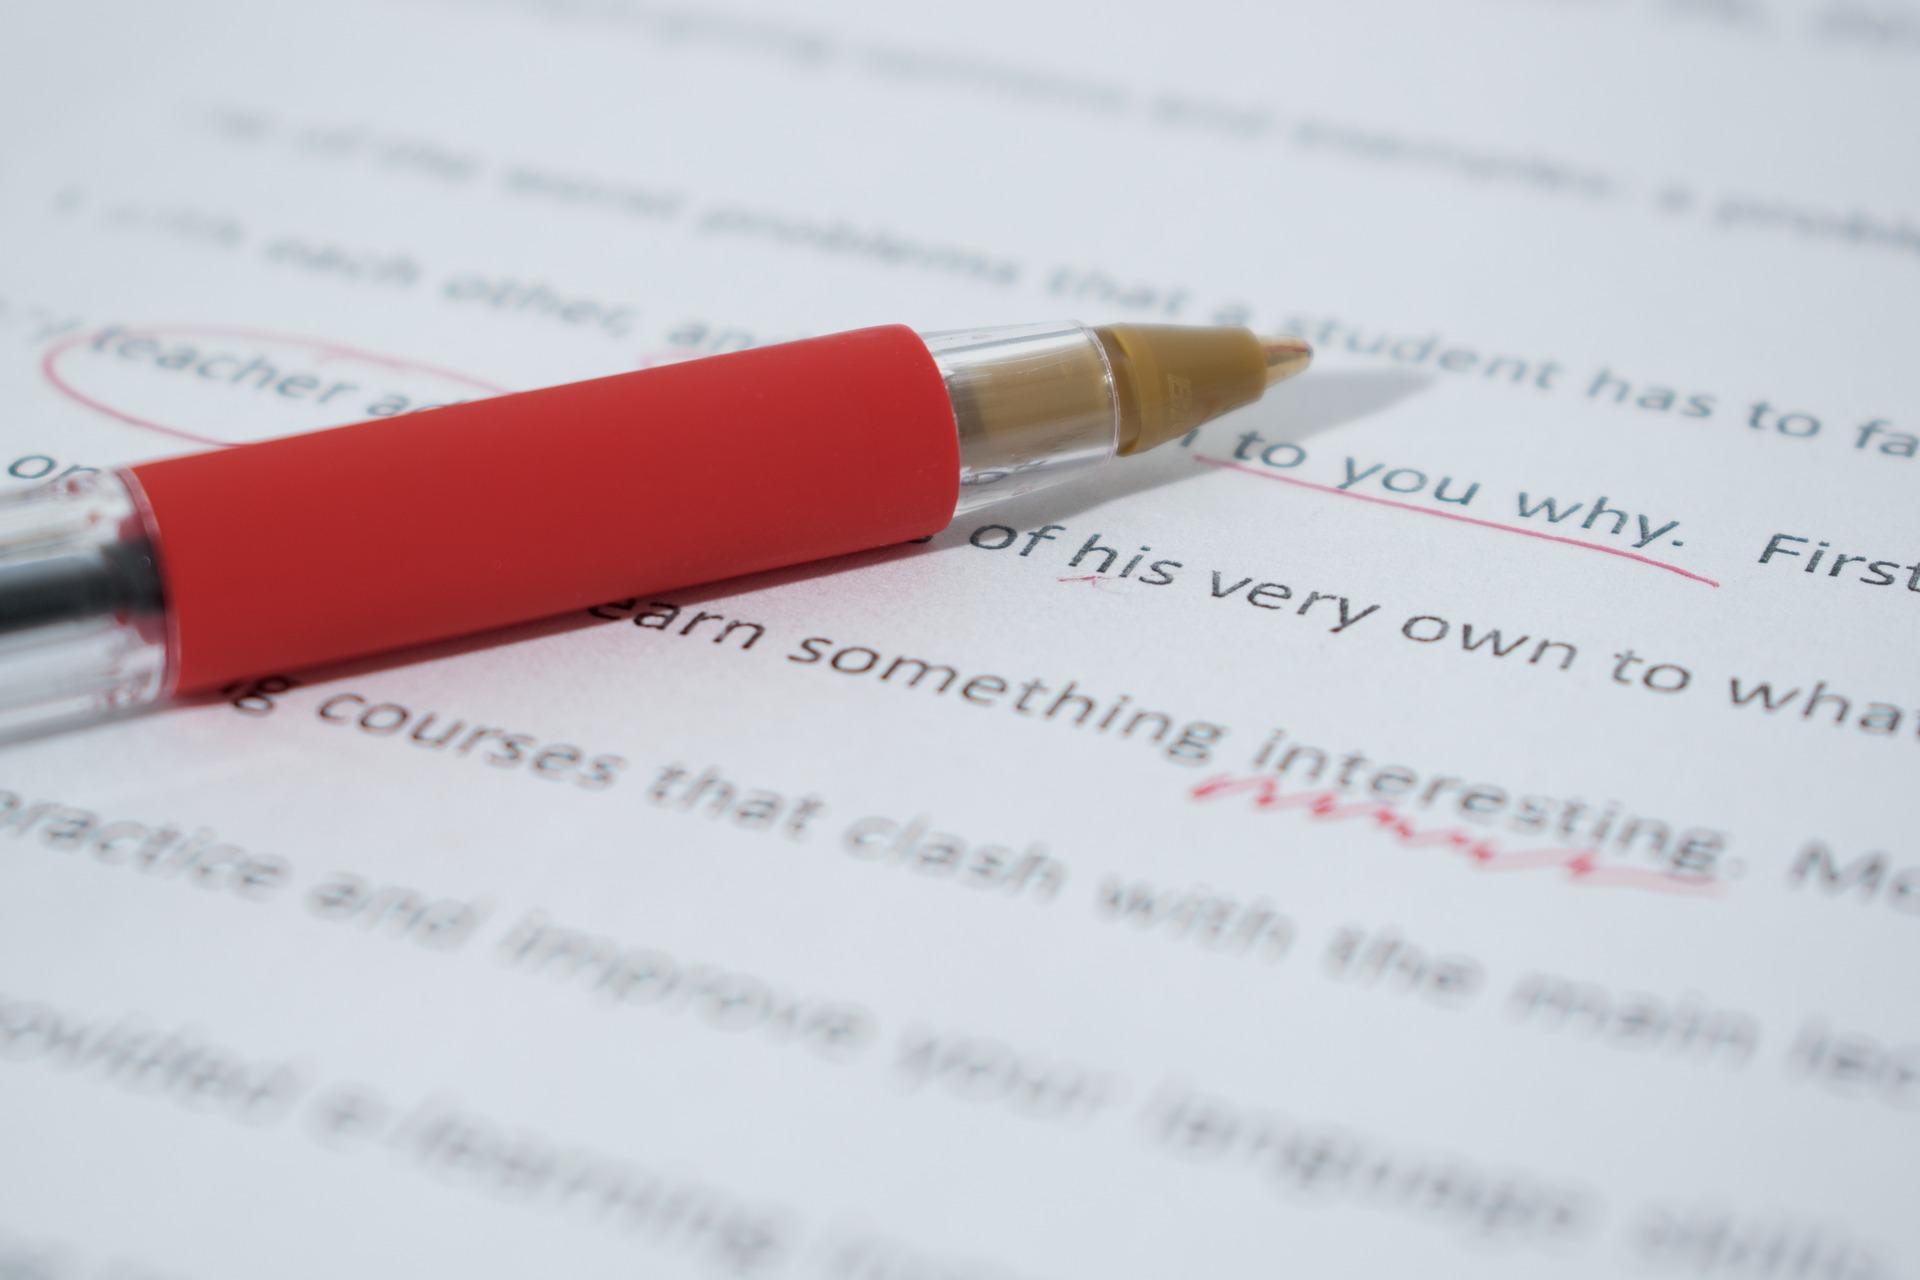 proofreading image